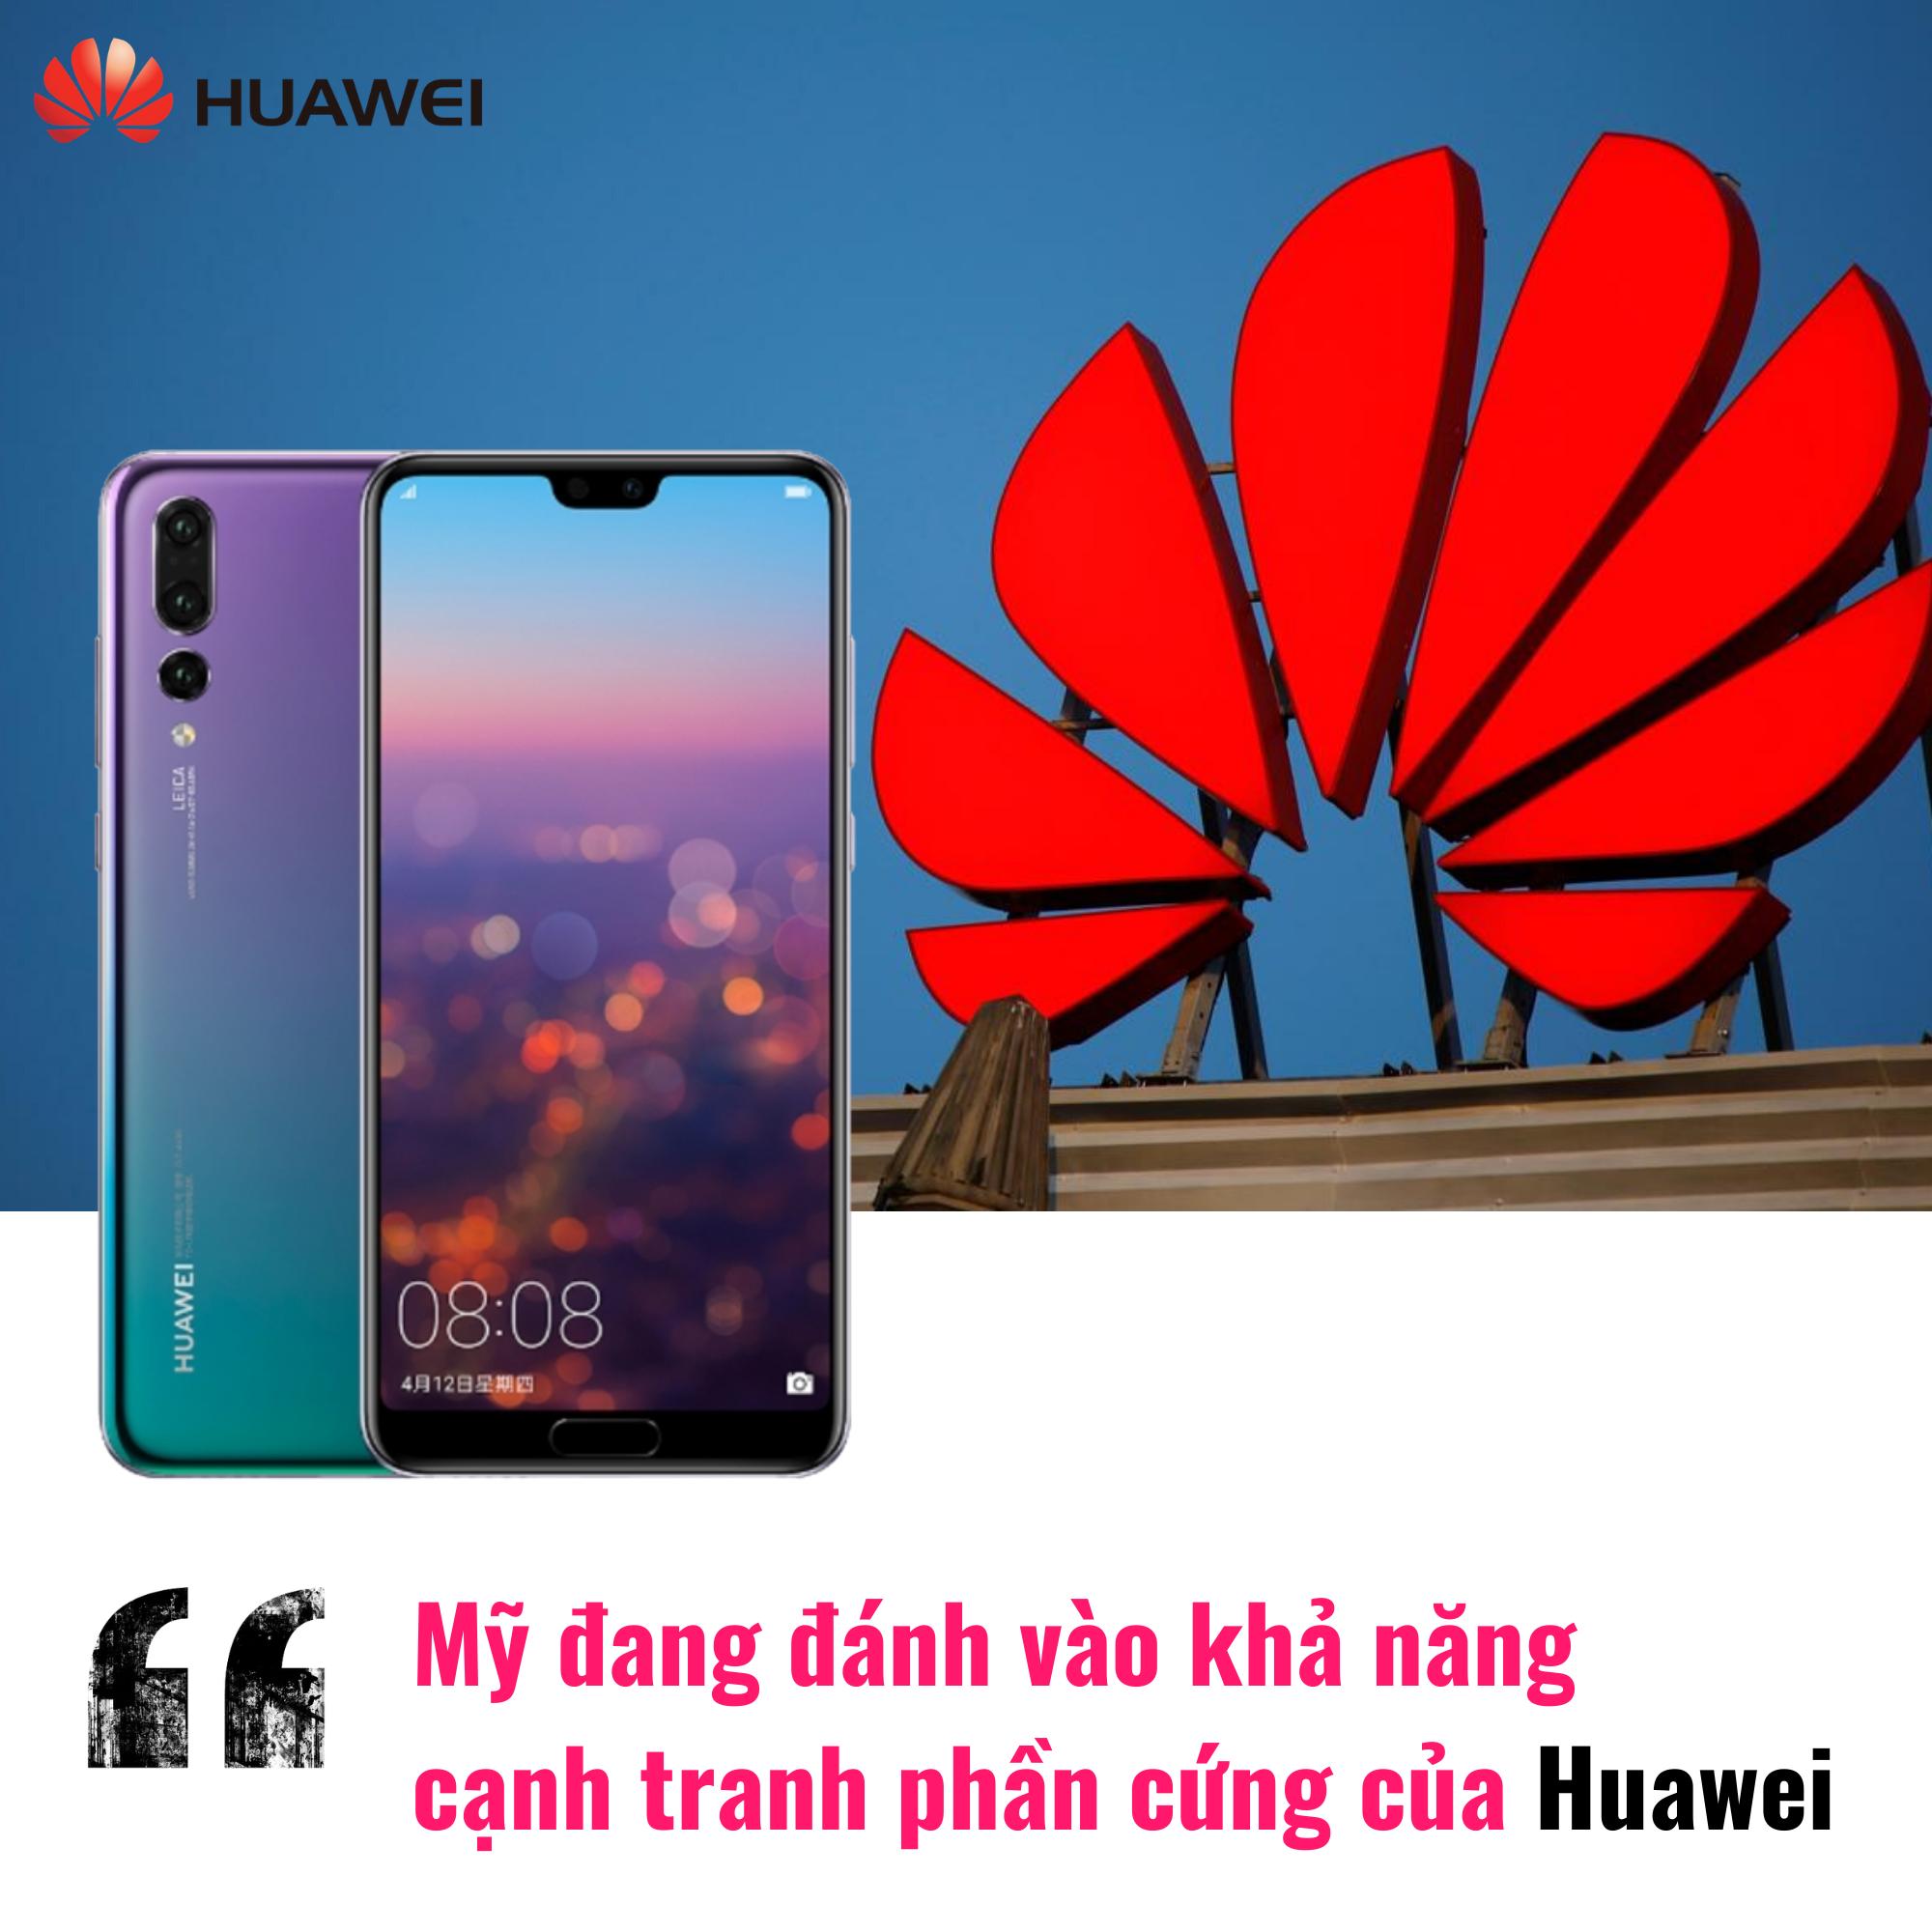 """Huawei muốn thống trị thị trường smartphone toàn cầu như Trump đang """"kết liễu"""" giấc mơ ấy - Ảnh 7."""